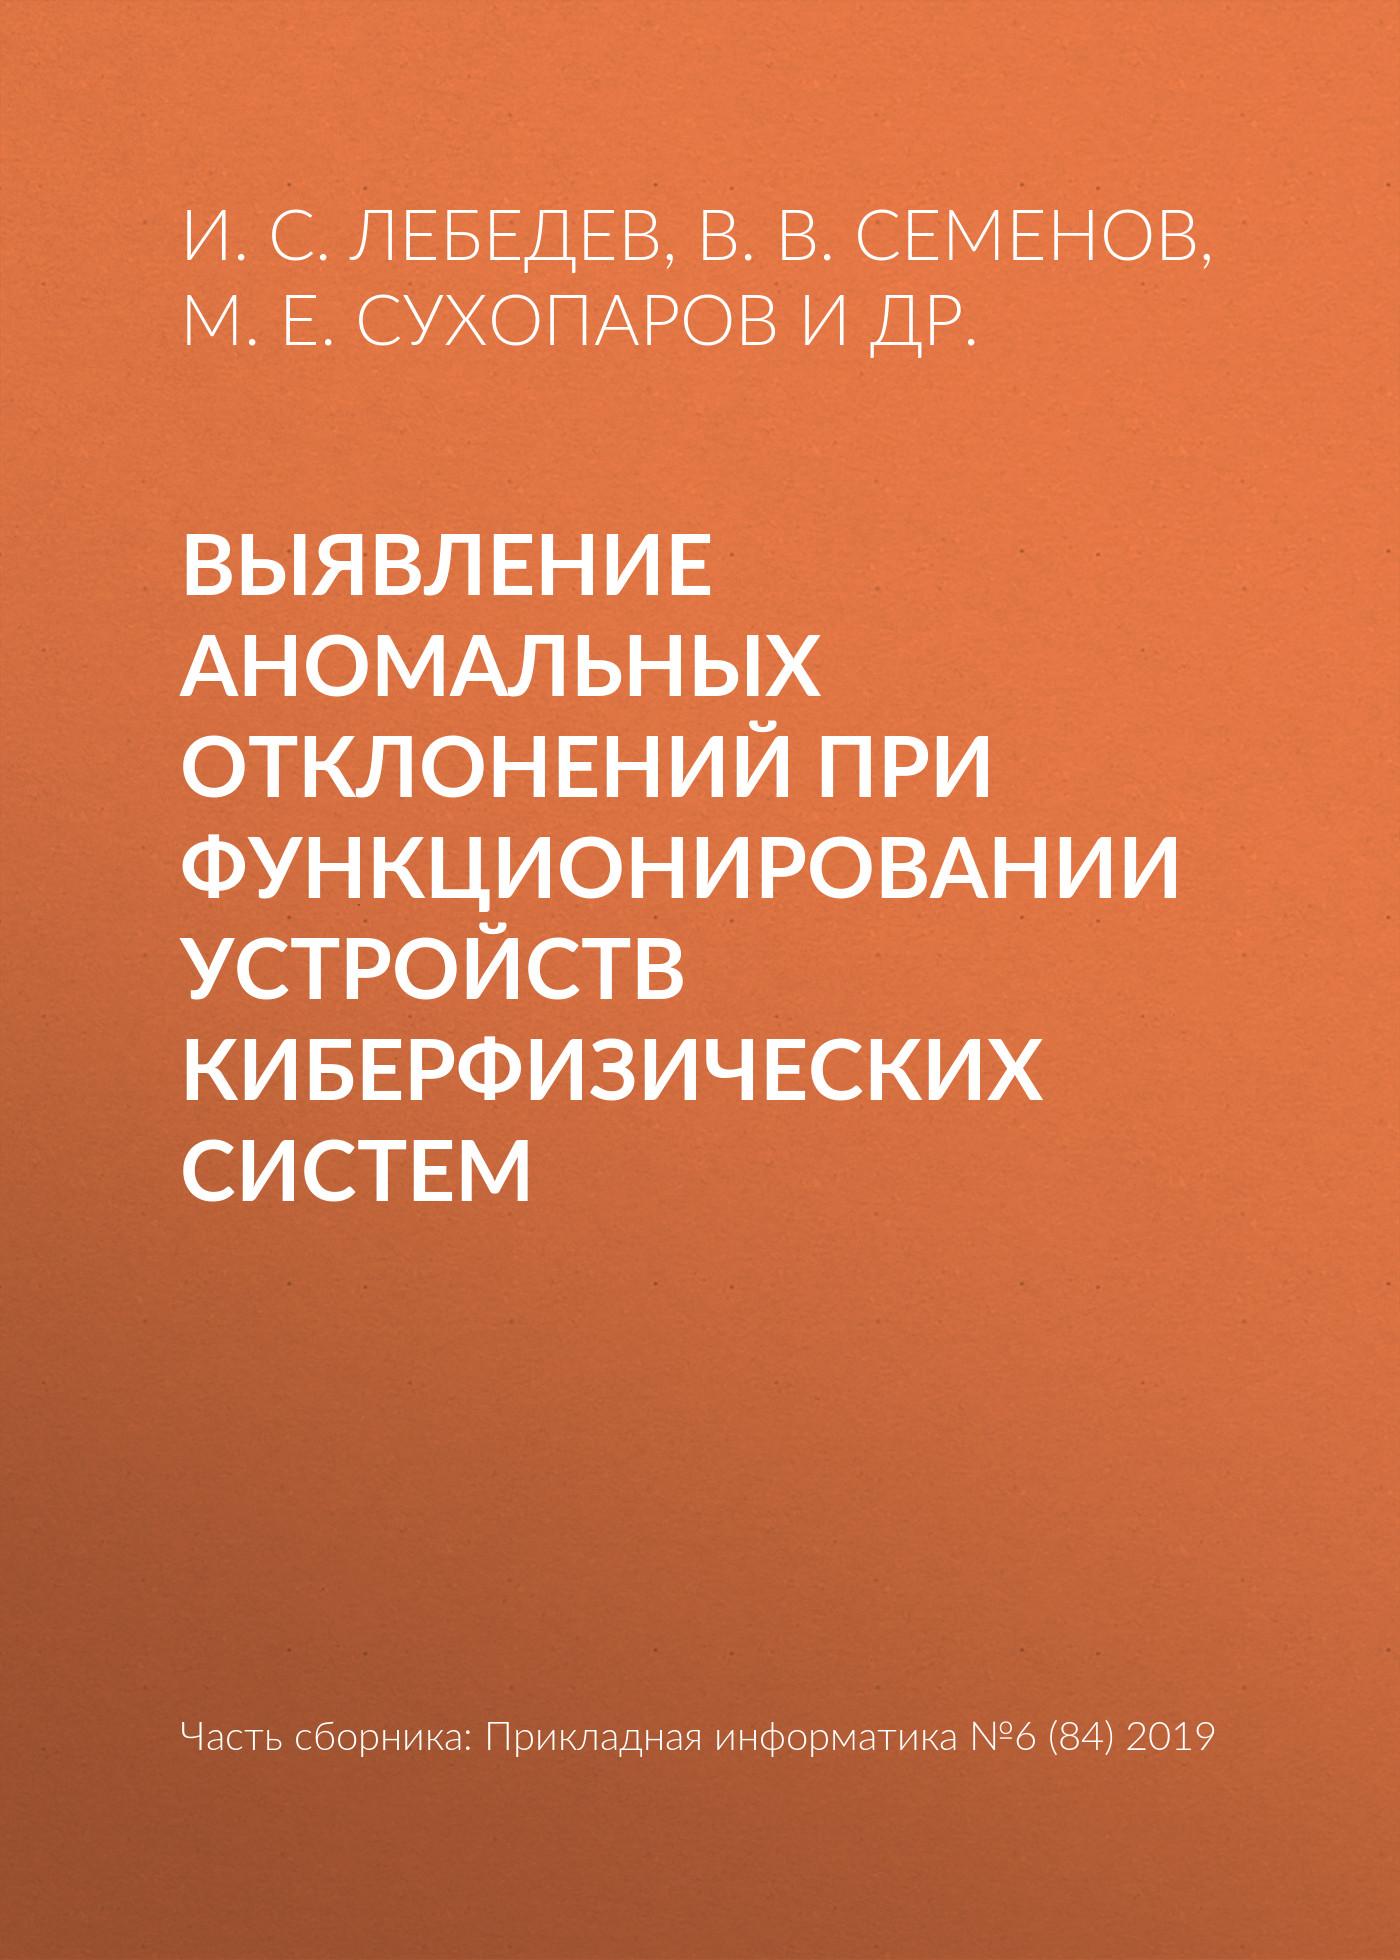 Купить книгу Выявление аномальных отклонений при функционировании устройств киберфизических систем, автора К. И. Салахутдиновой